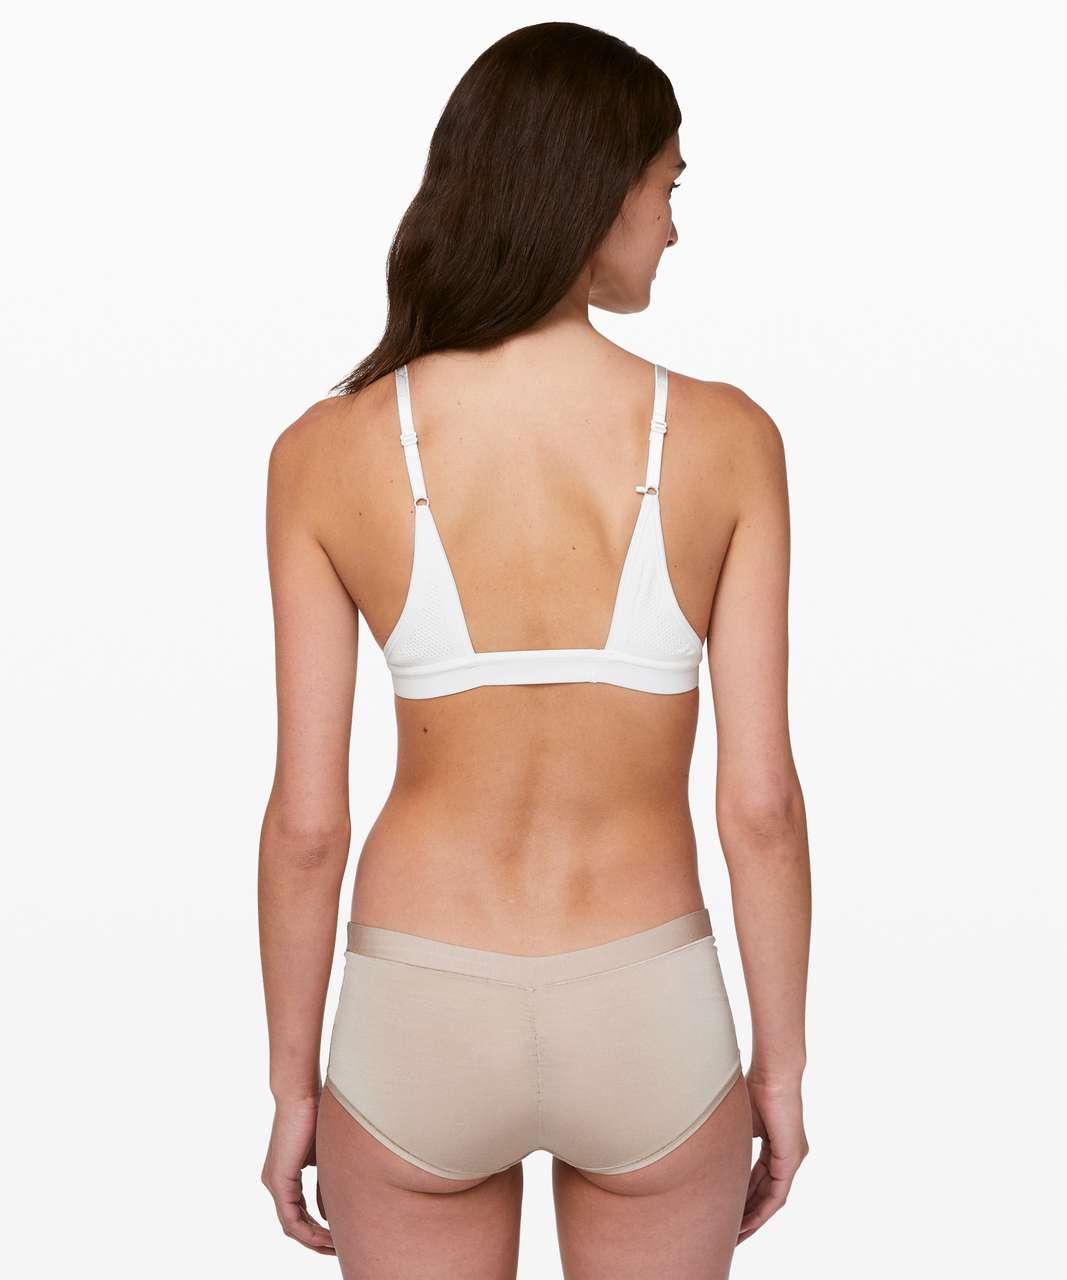 Lululemon Uncover Me Bralette - White / White